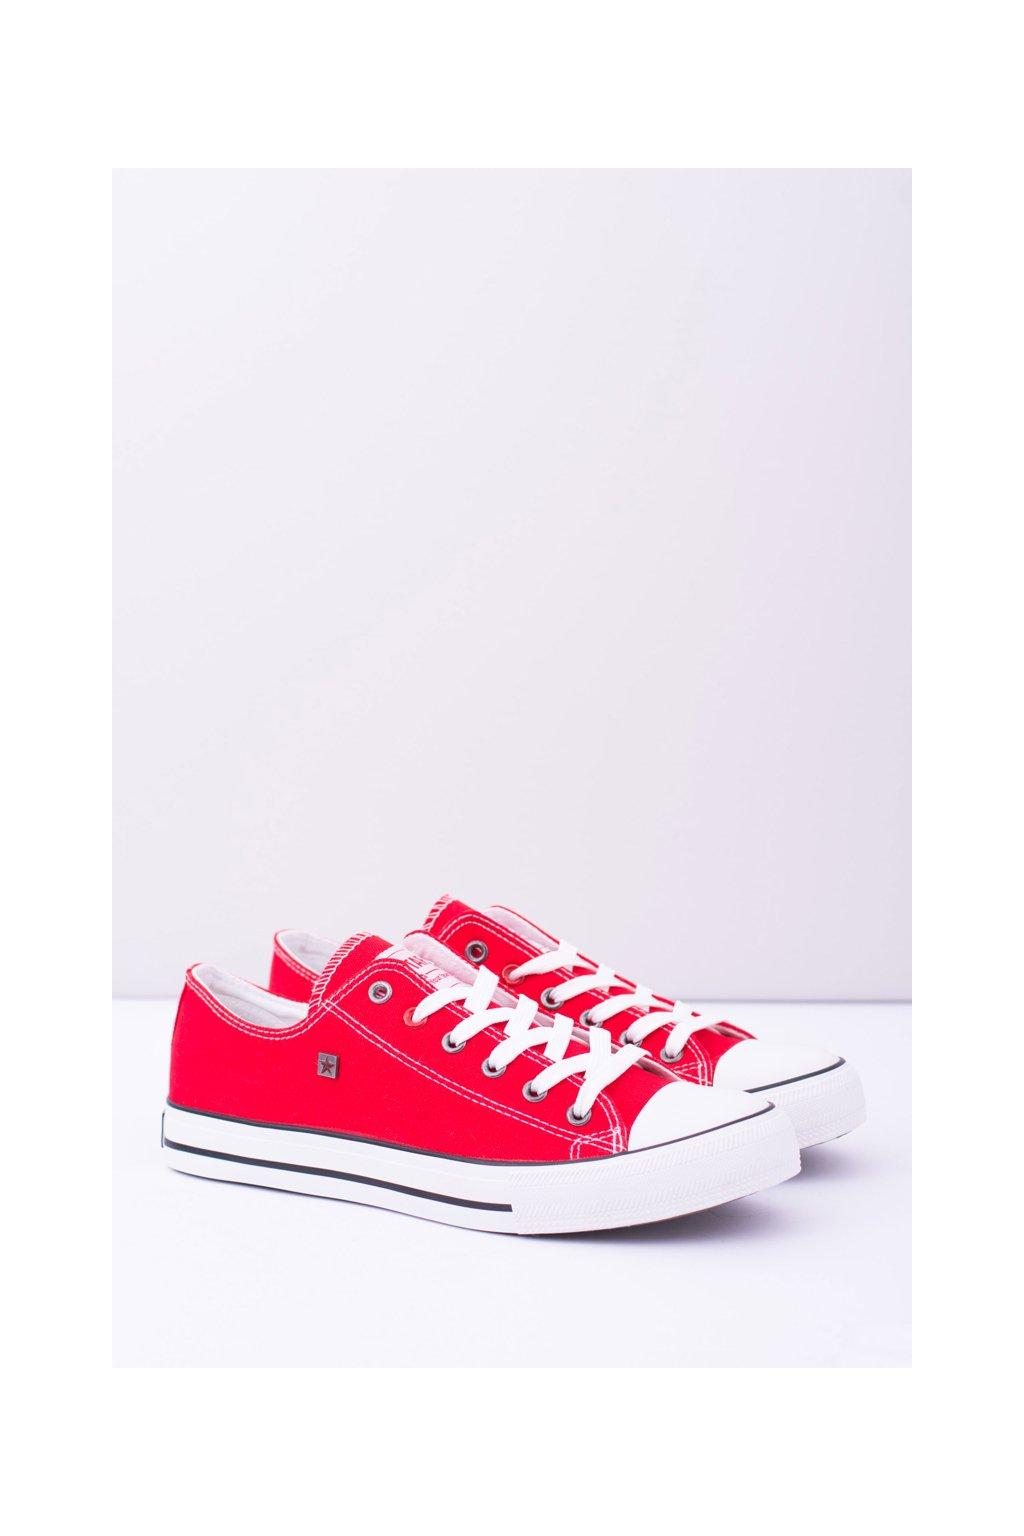 B. Star nízke pánske červené tenisky T174110